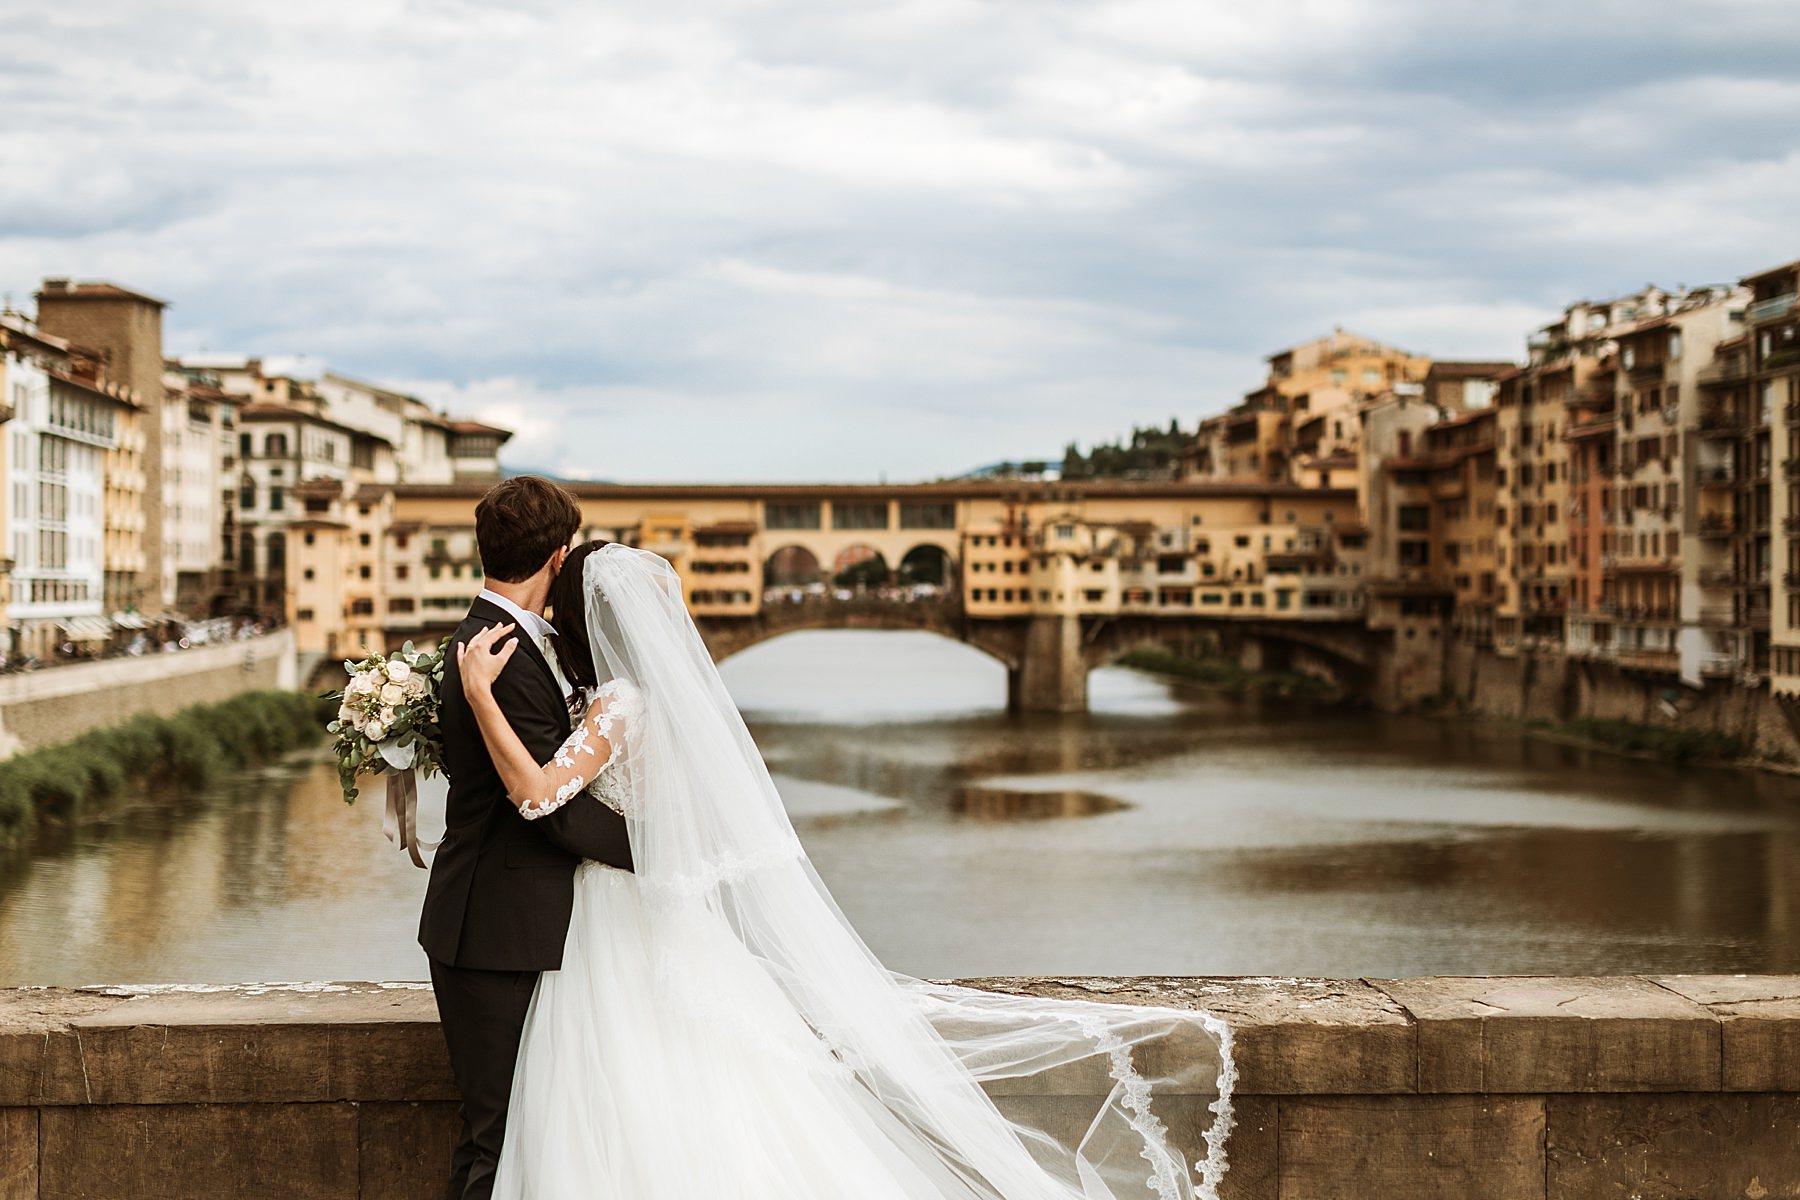 coppia di sposi fotografata in centro a Firenze